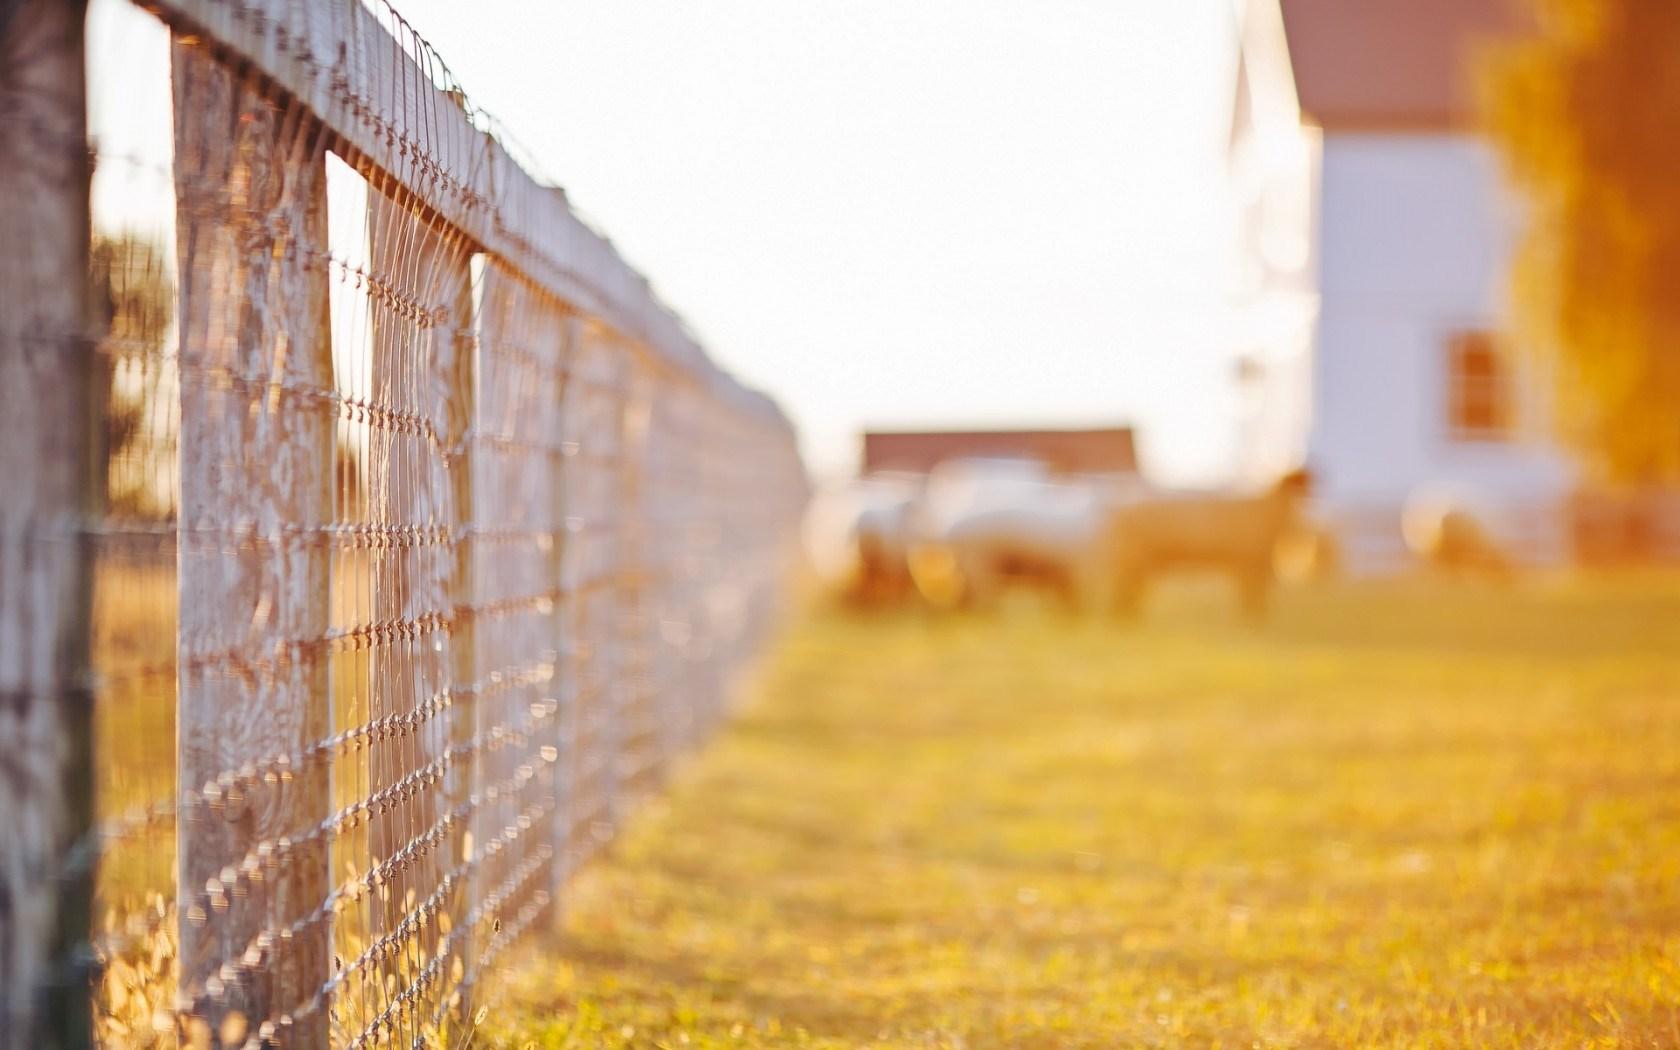 grass wallpaper sunshine